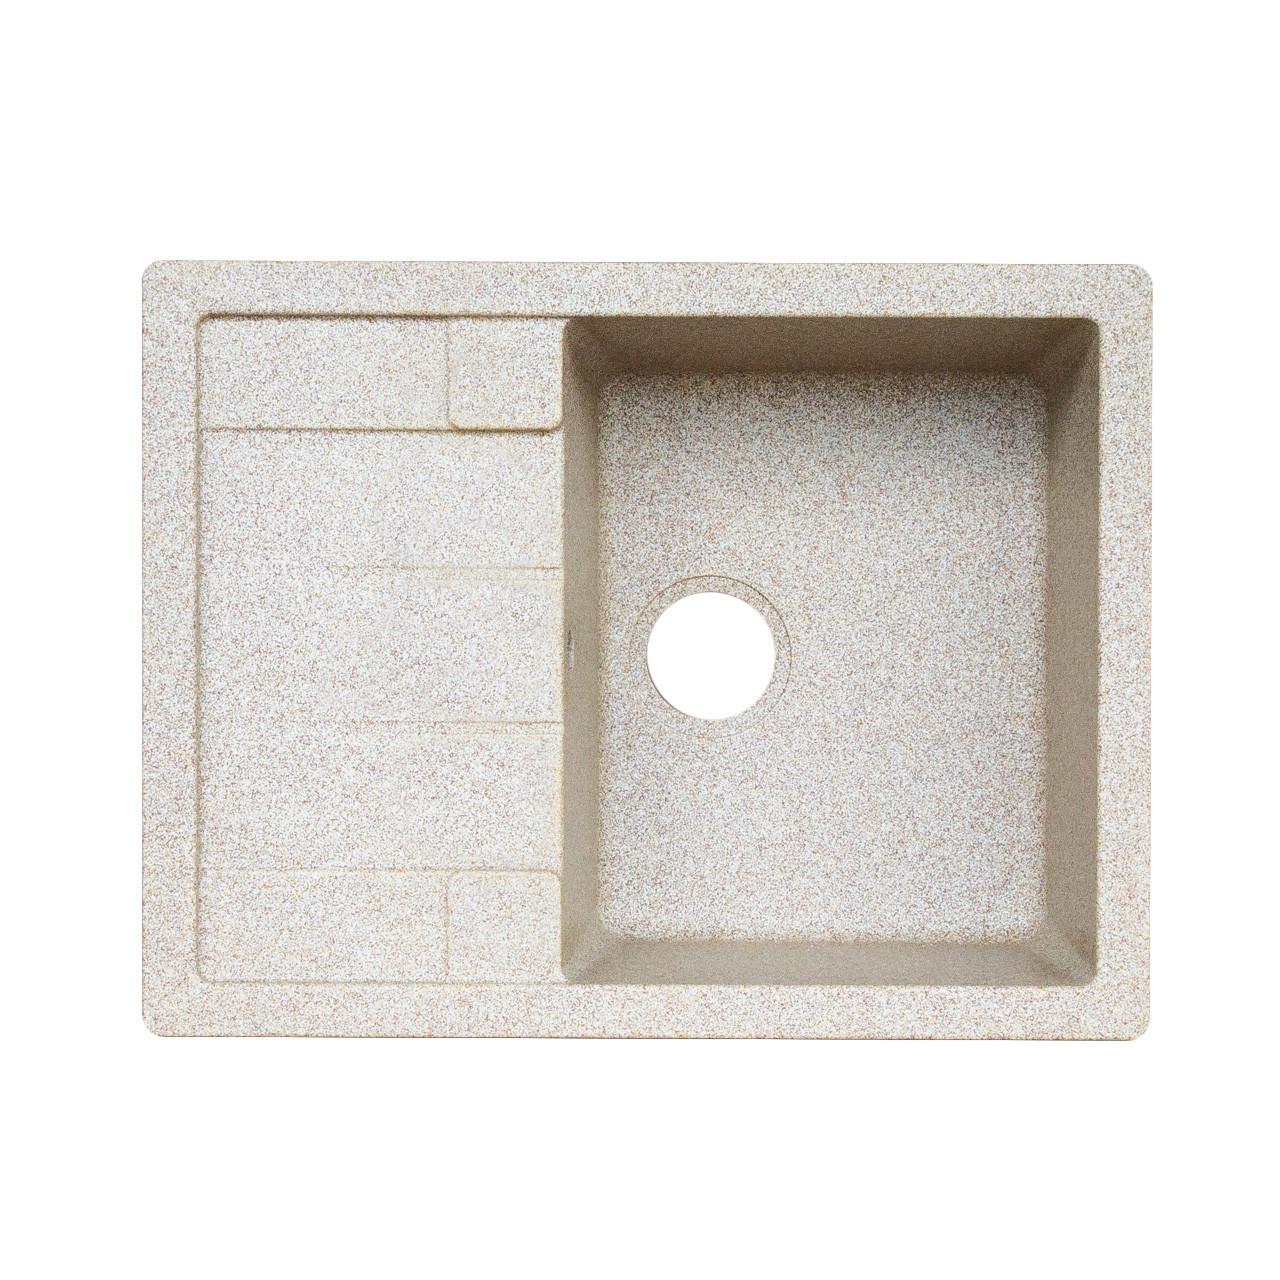 Гранитная мойка для кухни Platinum 6550 INTENSO матовая Белая в точку